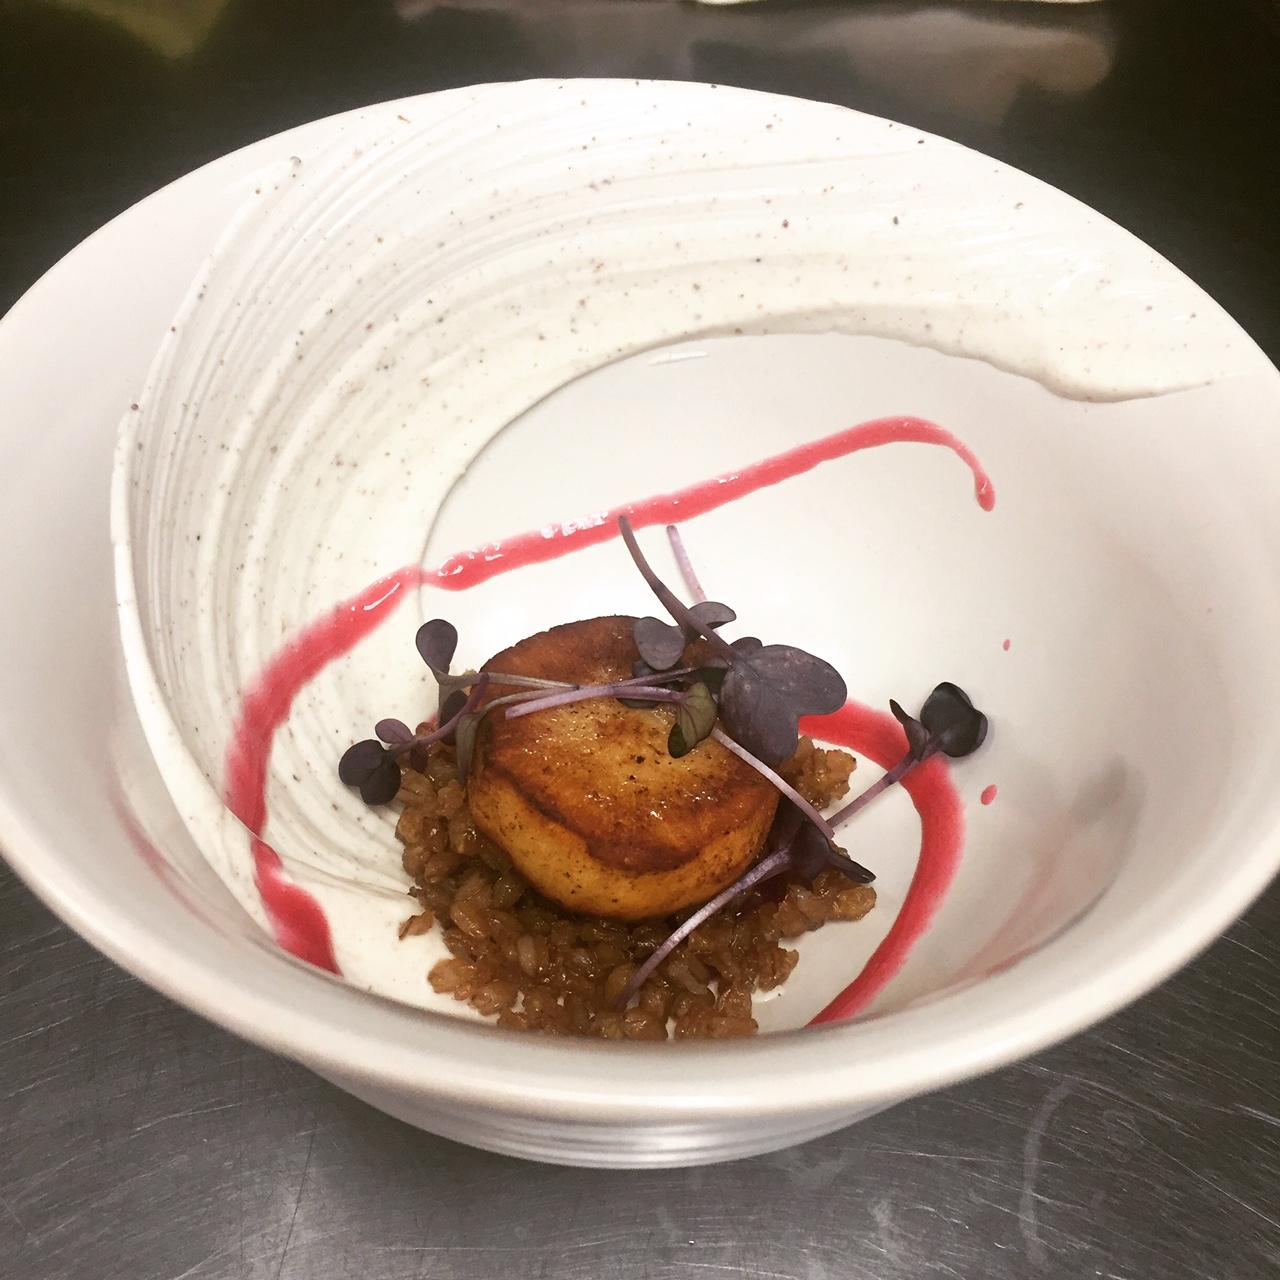 Personal chef, Albany NY, Pop up restaurant, Ryan O'Shea, Saratoga NY